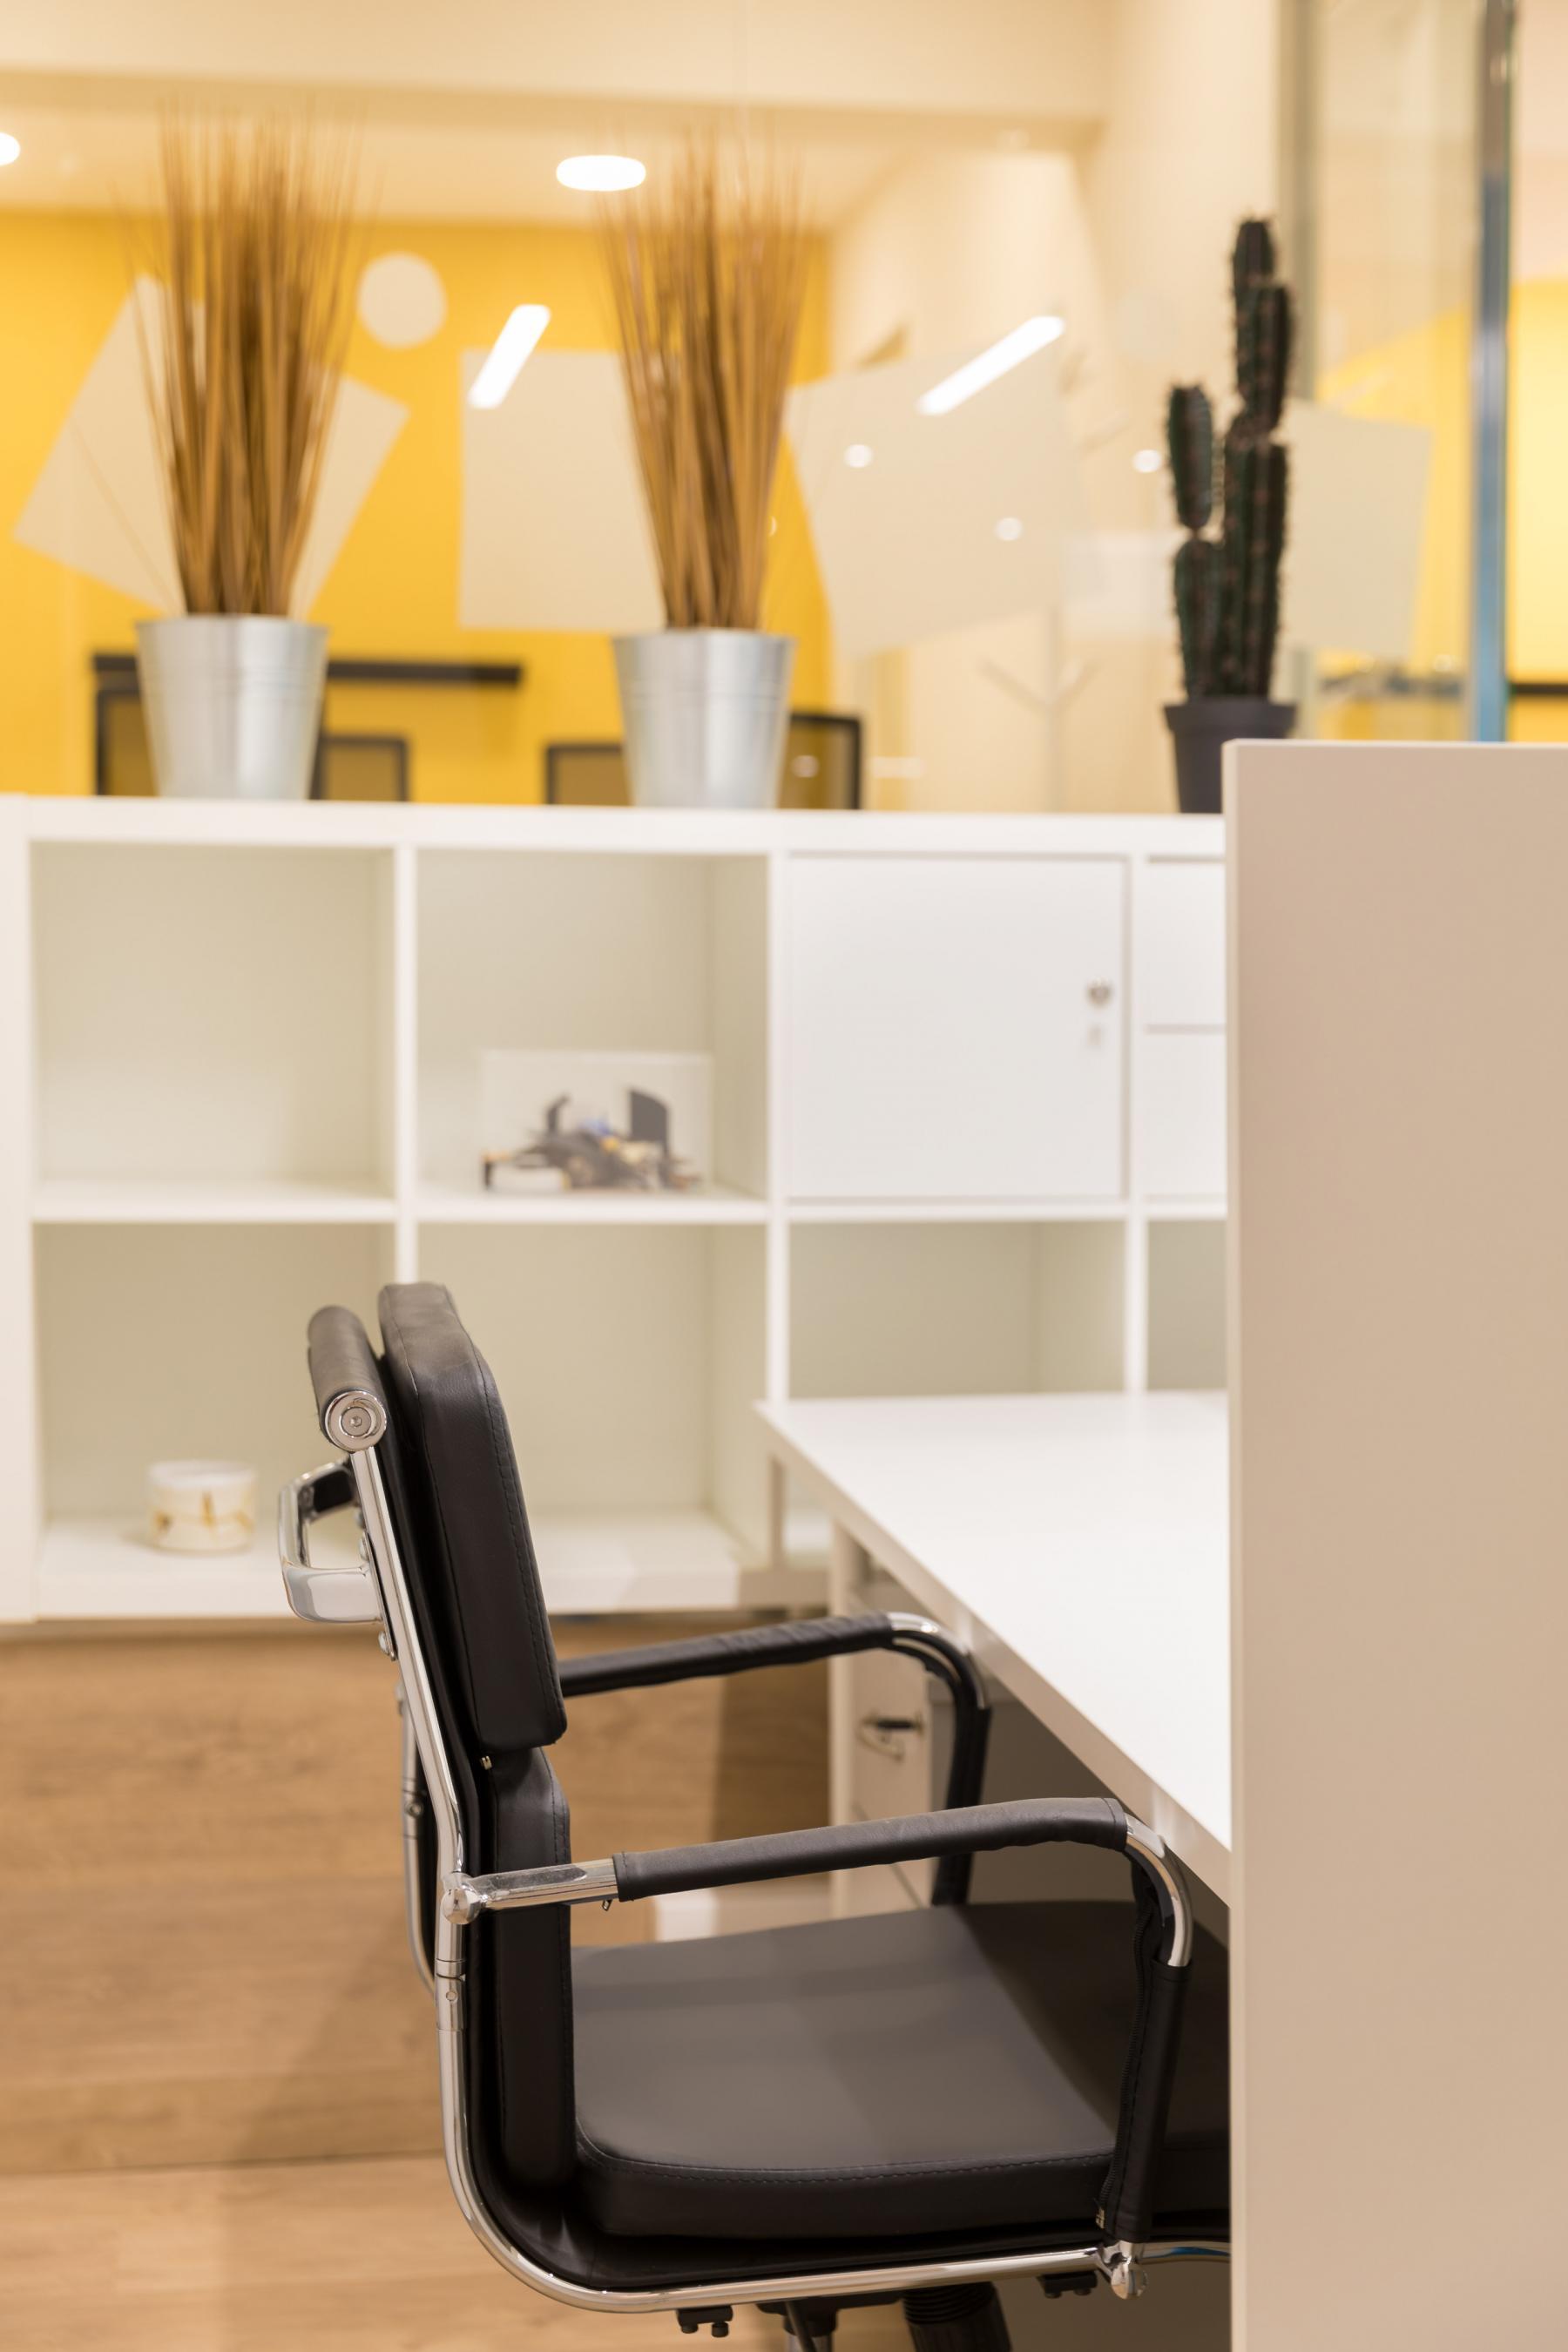 Alquilar oficinas Carrer Martí 110, Barcelona (4)